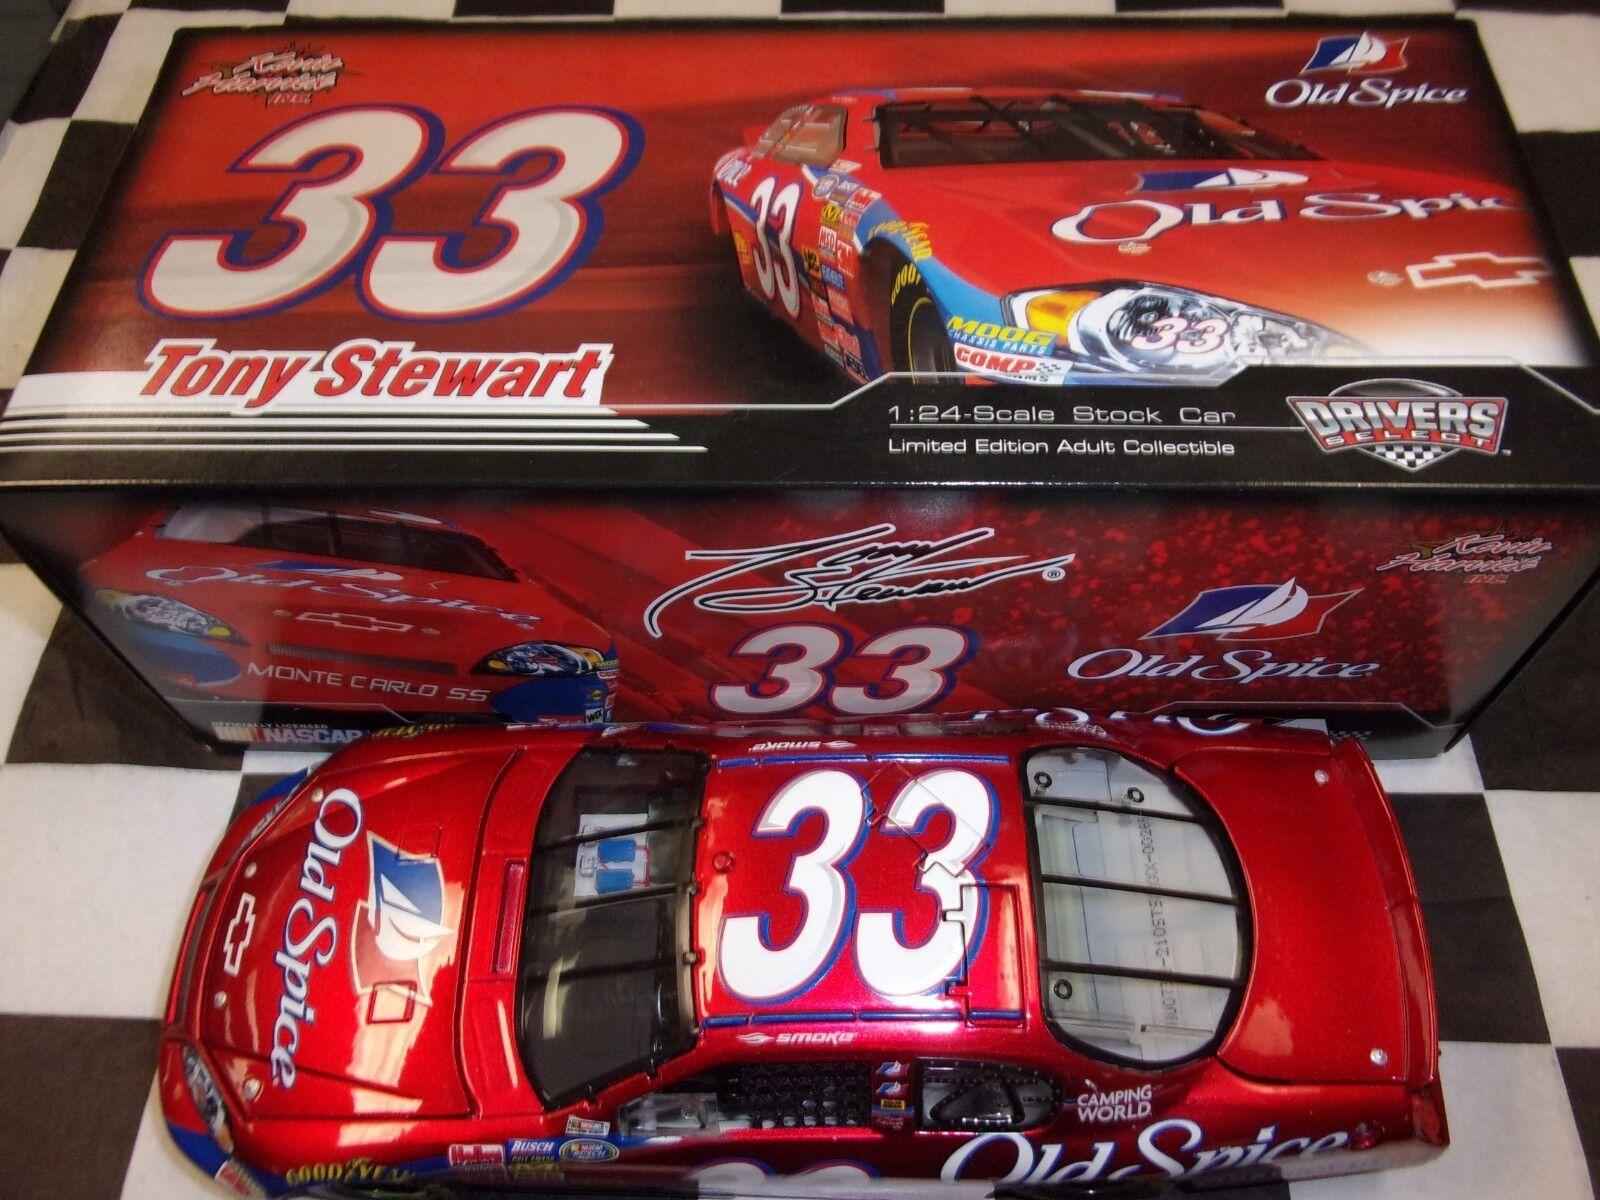 Tony Stewart   33 Old Spice 2007 Monte voiturelo SS Action 1 24 scale voiture B337821OSTS  économiser 50% -75% de réduction